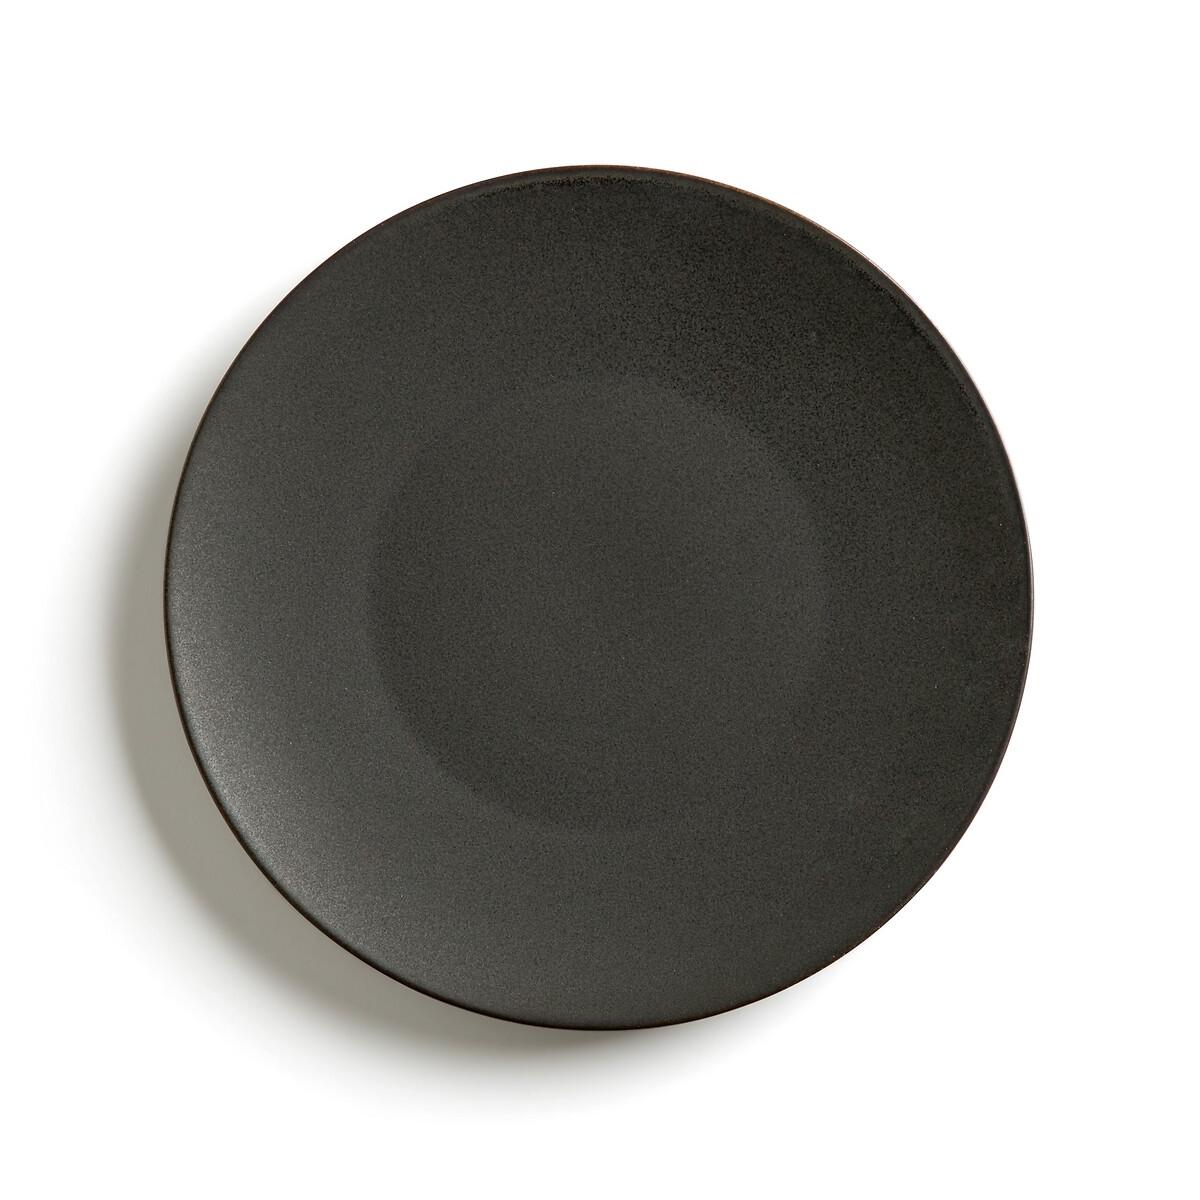 Комплект из 4 мелких тарелок LaRedoute Из матовой керамики Organic единый размер черный комплект из 2 вешалок slofia laredoute из березы единый размер черный